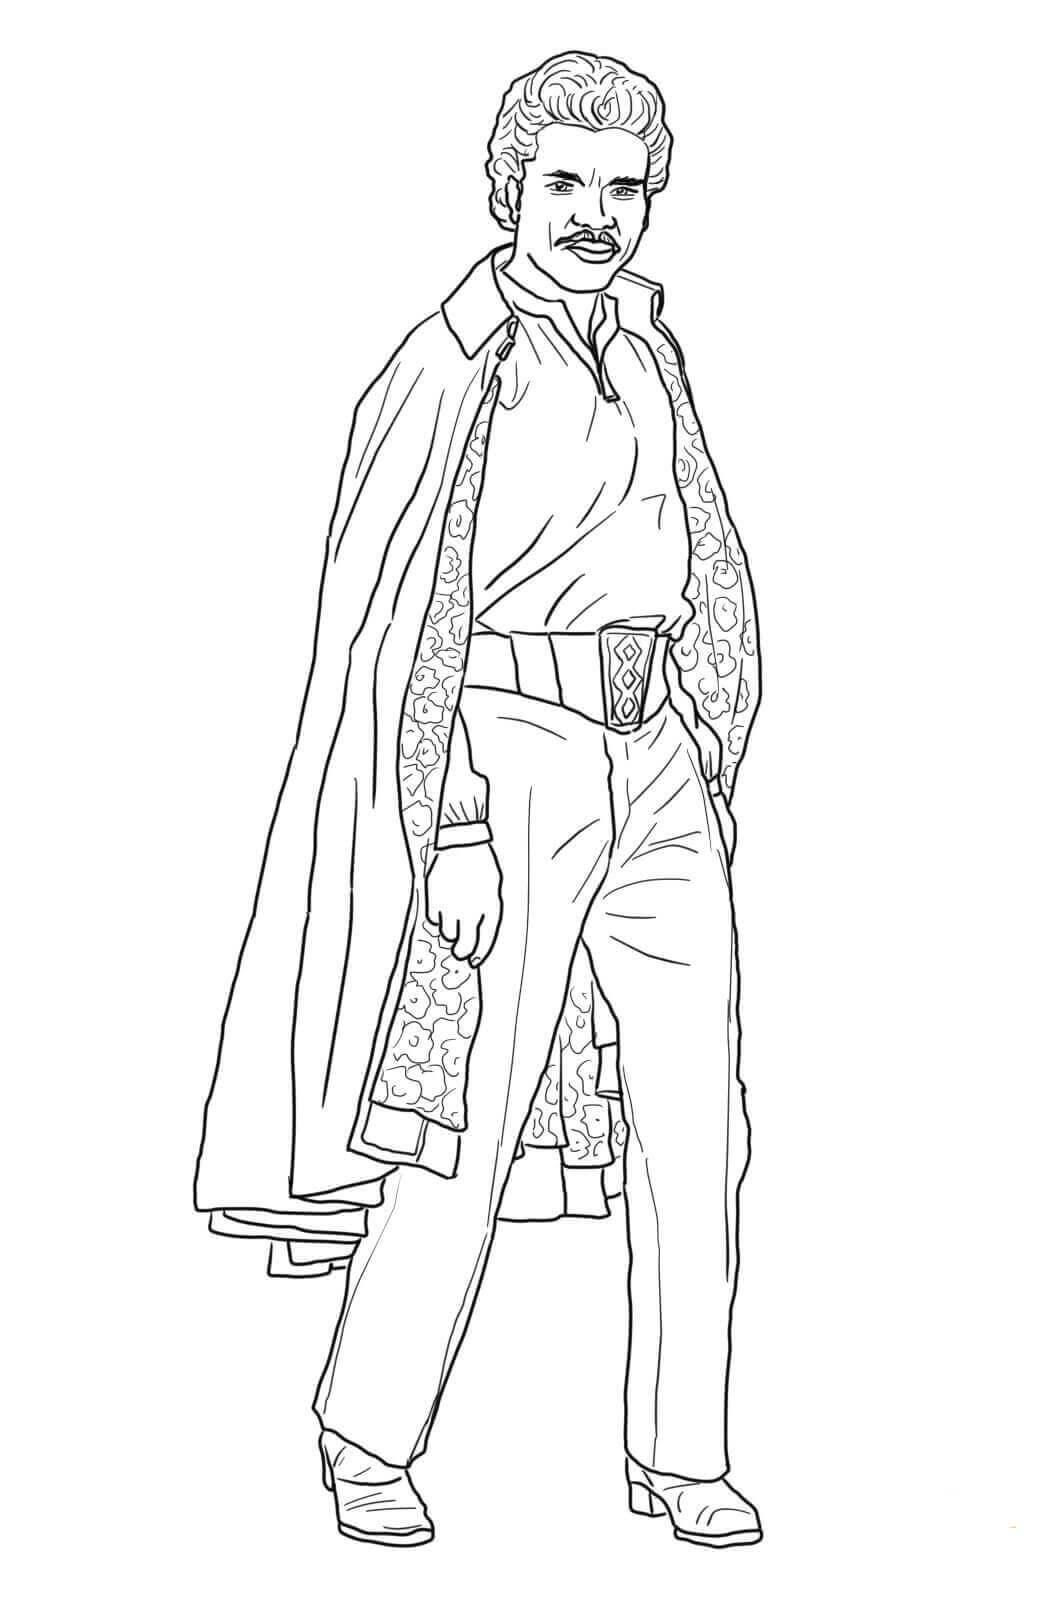 Lando Calrissian coloring page